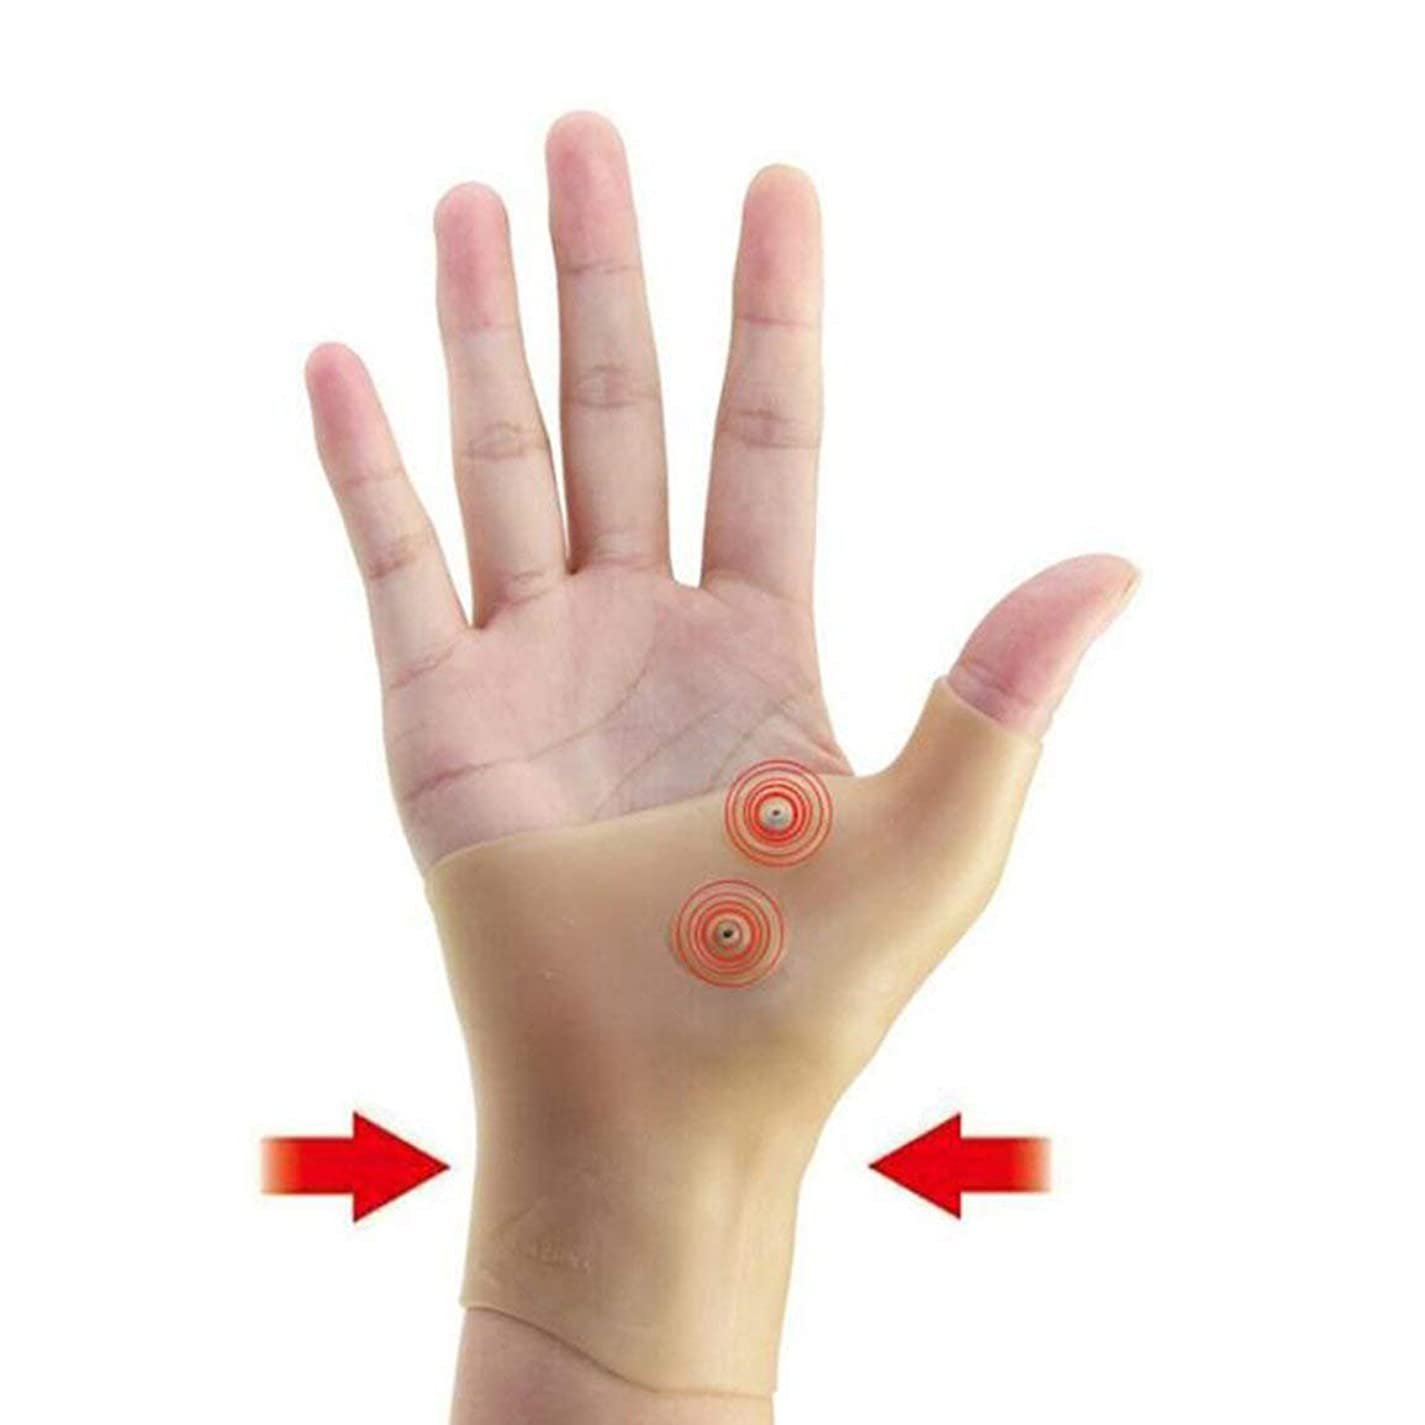 助手待つ記念日磁気療法手首手親指サポート手袋シリコーンゲル関節炎圧力矯正器マッサージ痛み緩和手袋 - 肌の色